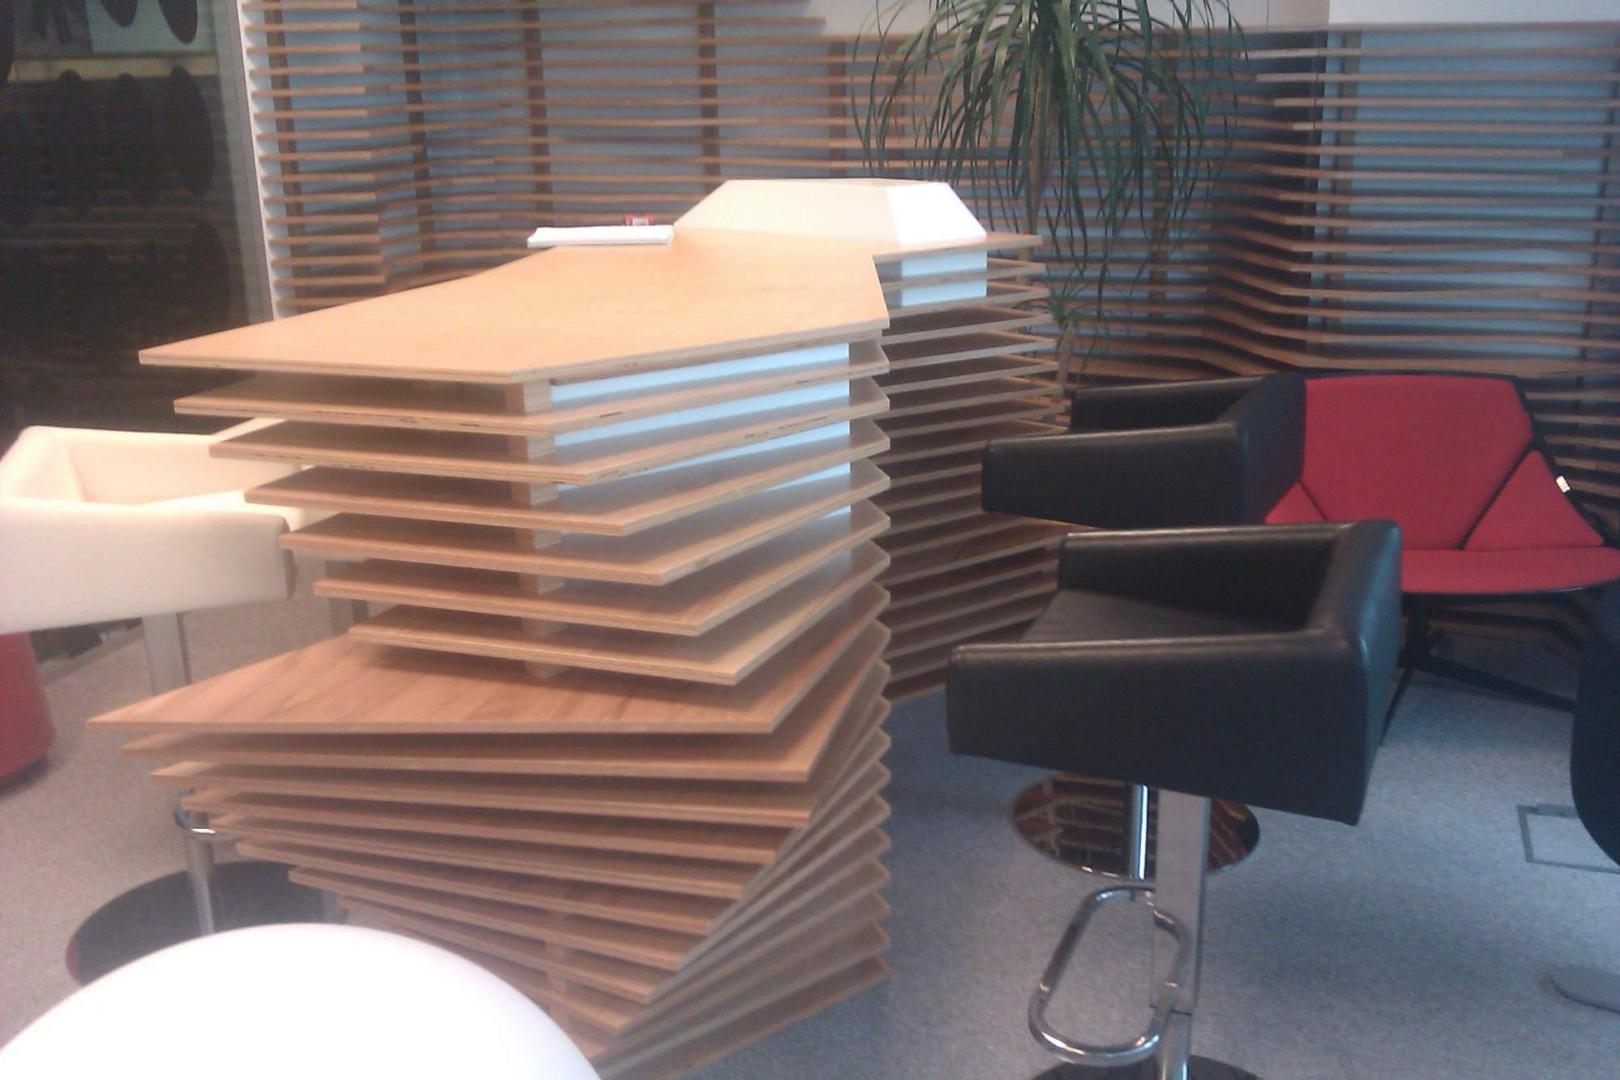 kinnarps receptie placari lemn corian  front desk010